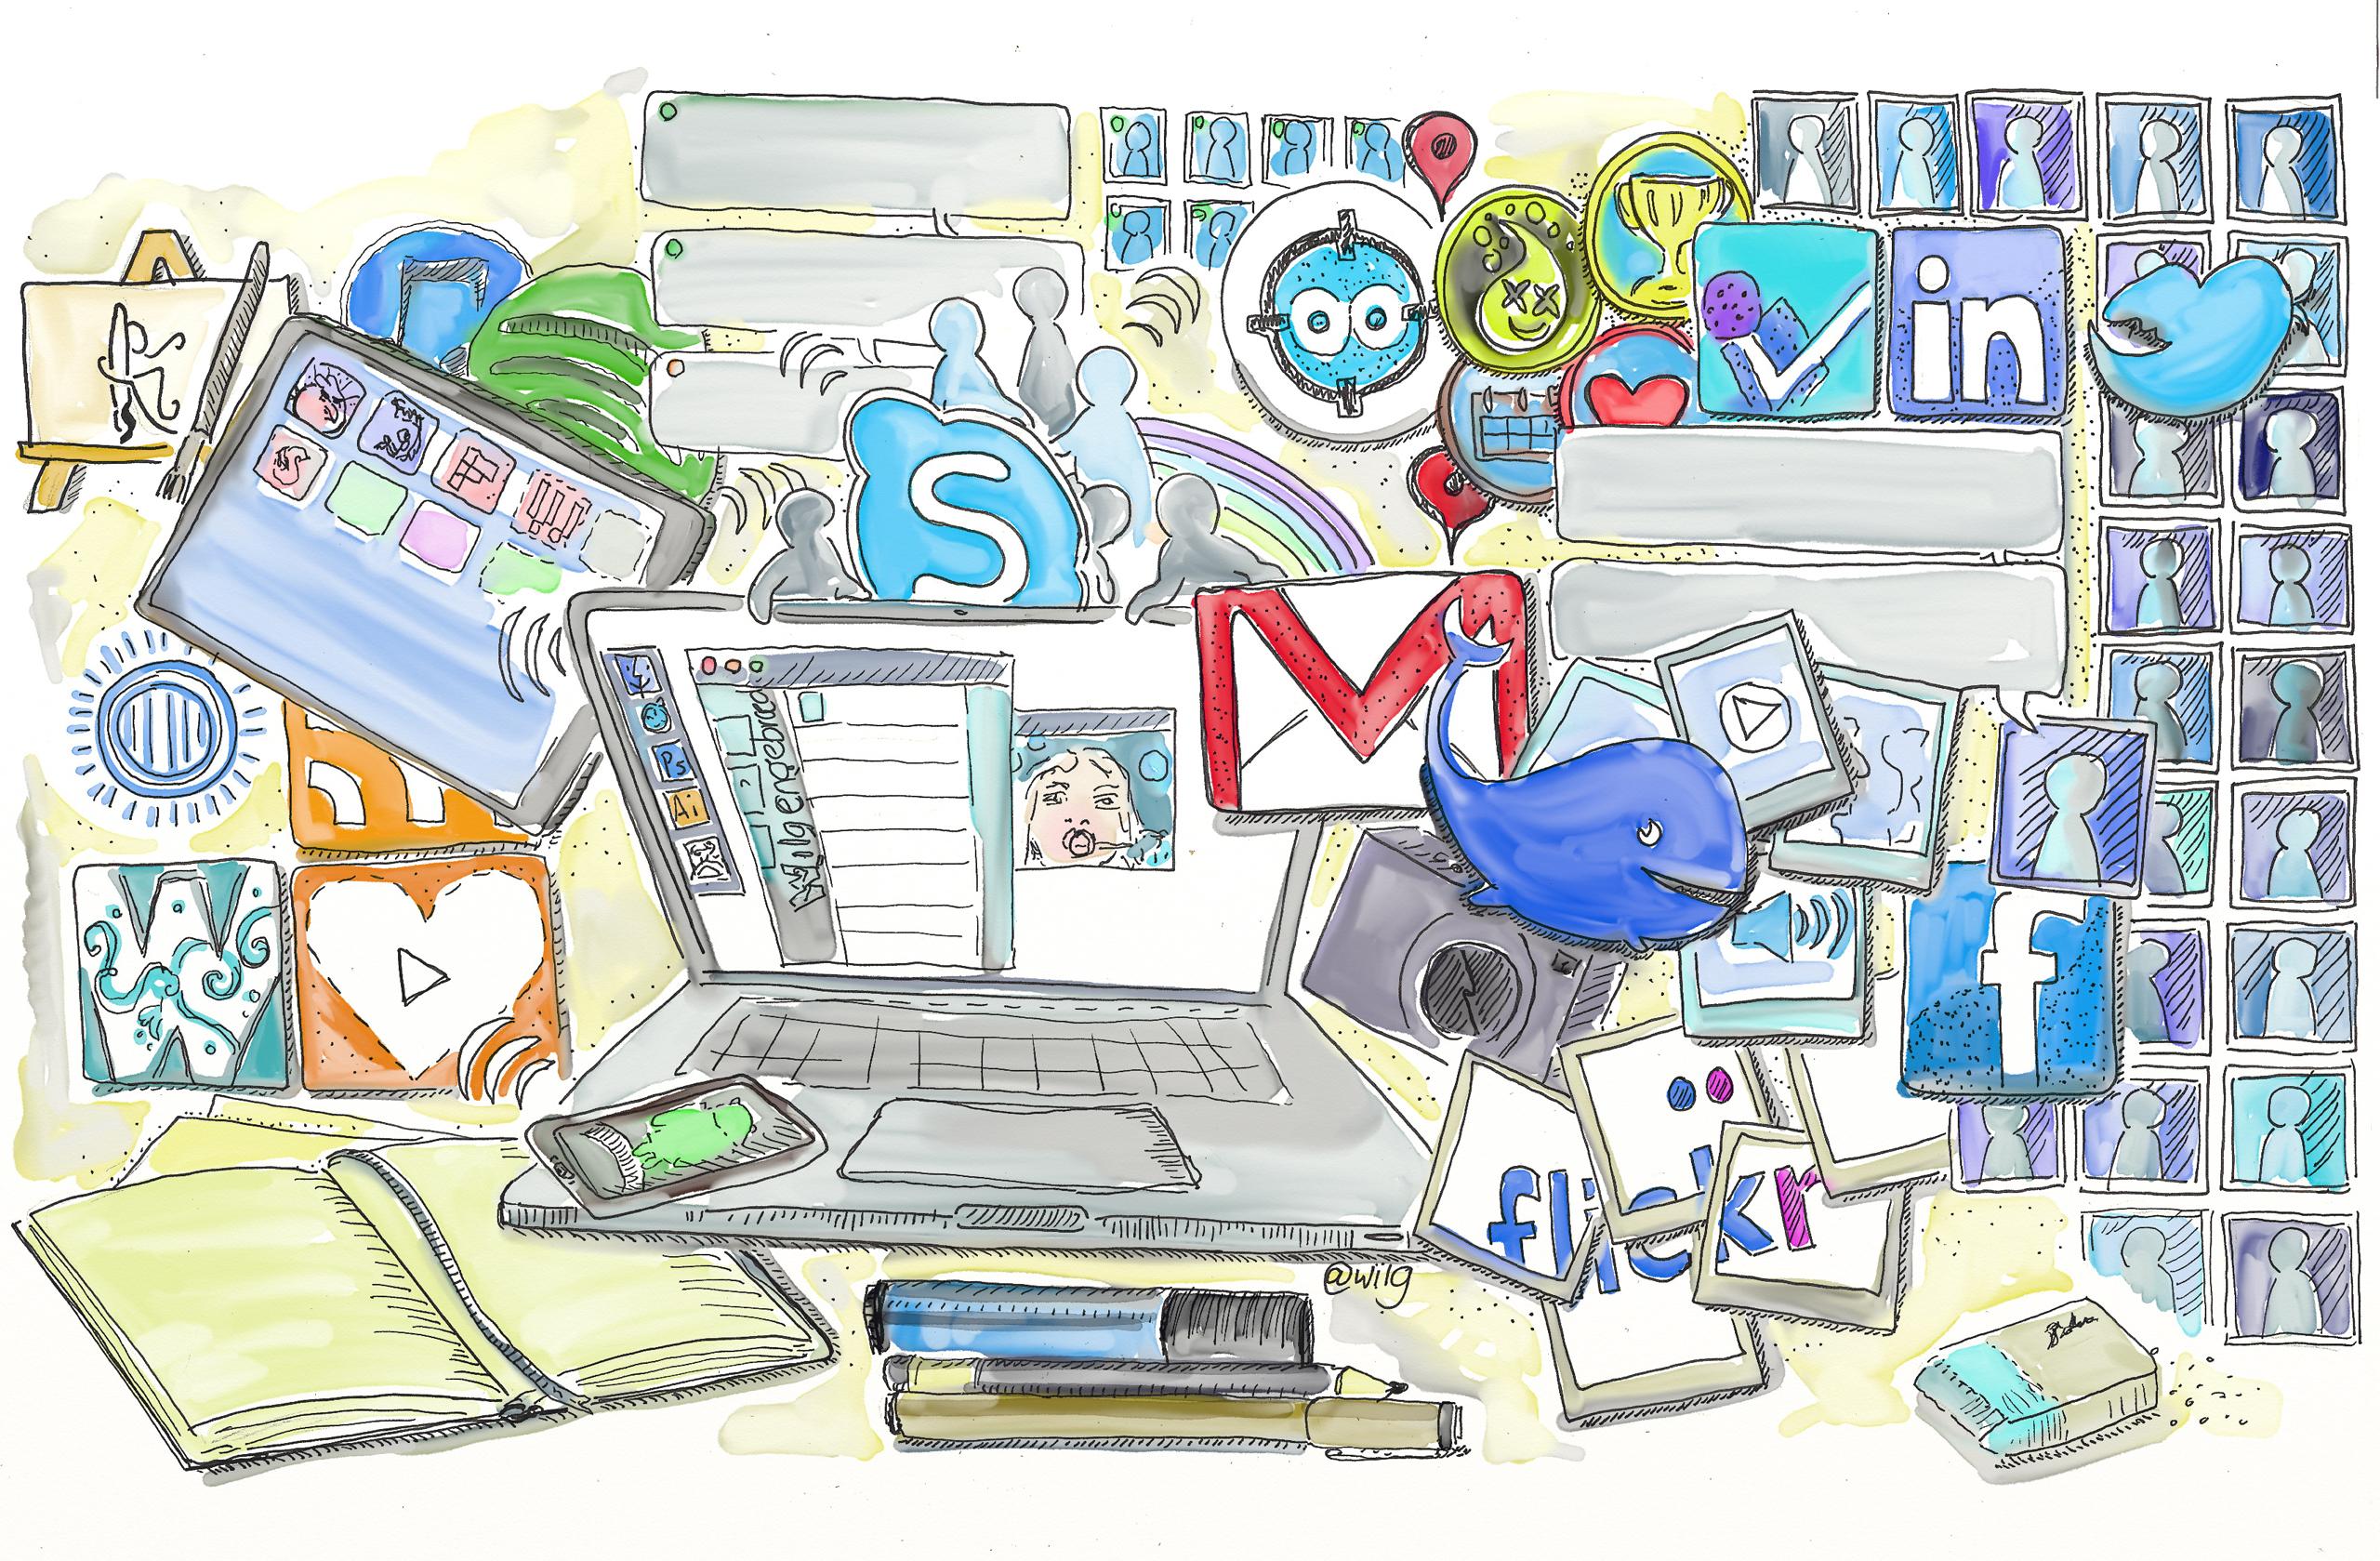 1820948eb214 Servicio de red social - Wikipedia, la enciclopedia libre